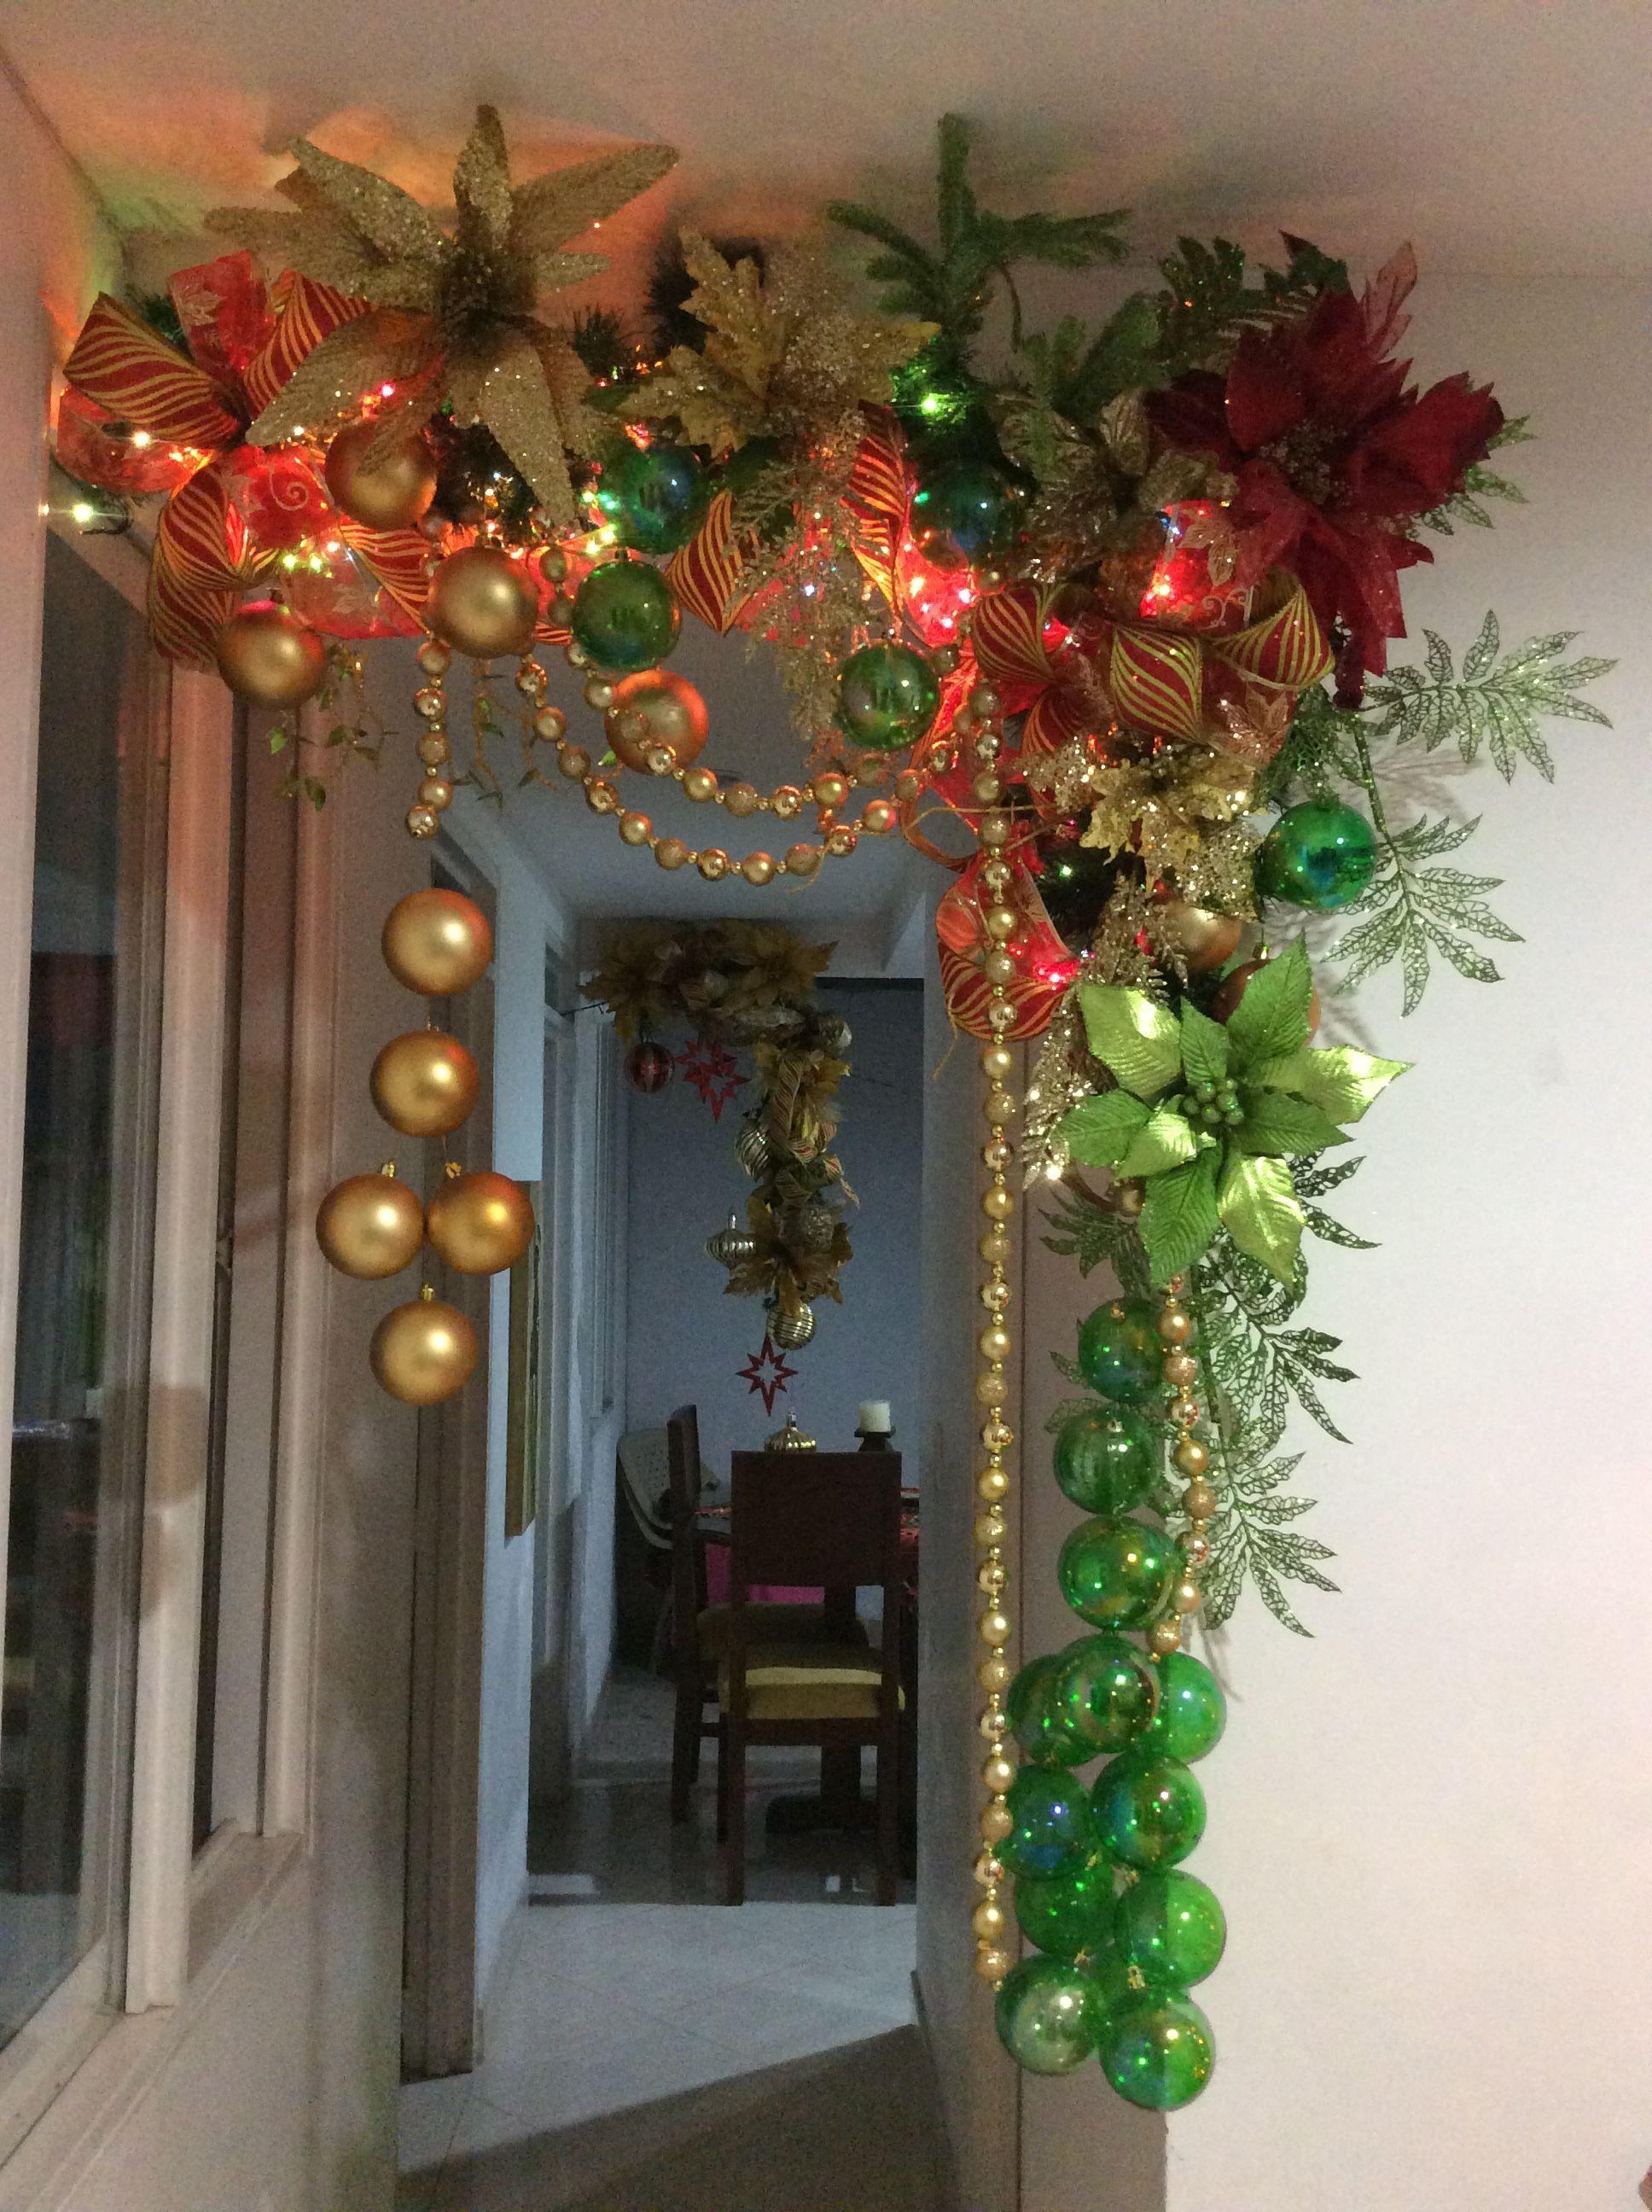 Decoraci n puertas navide a christmas decorations for Decoracion de puertas para navidad